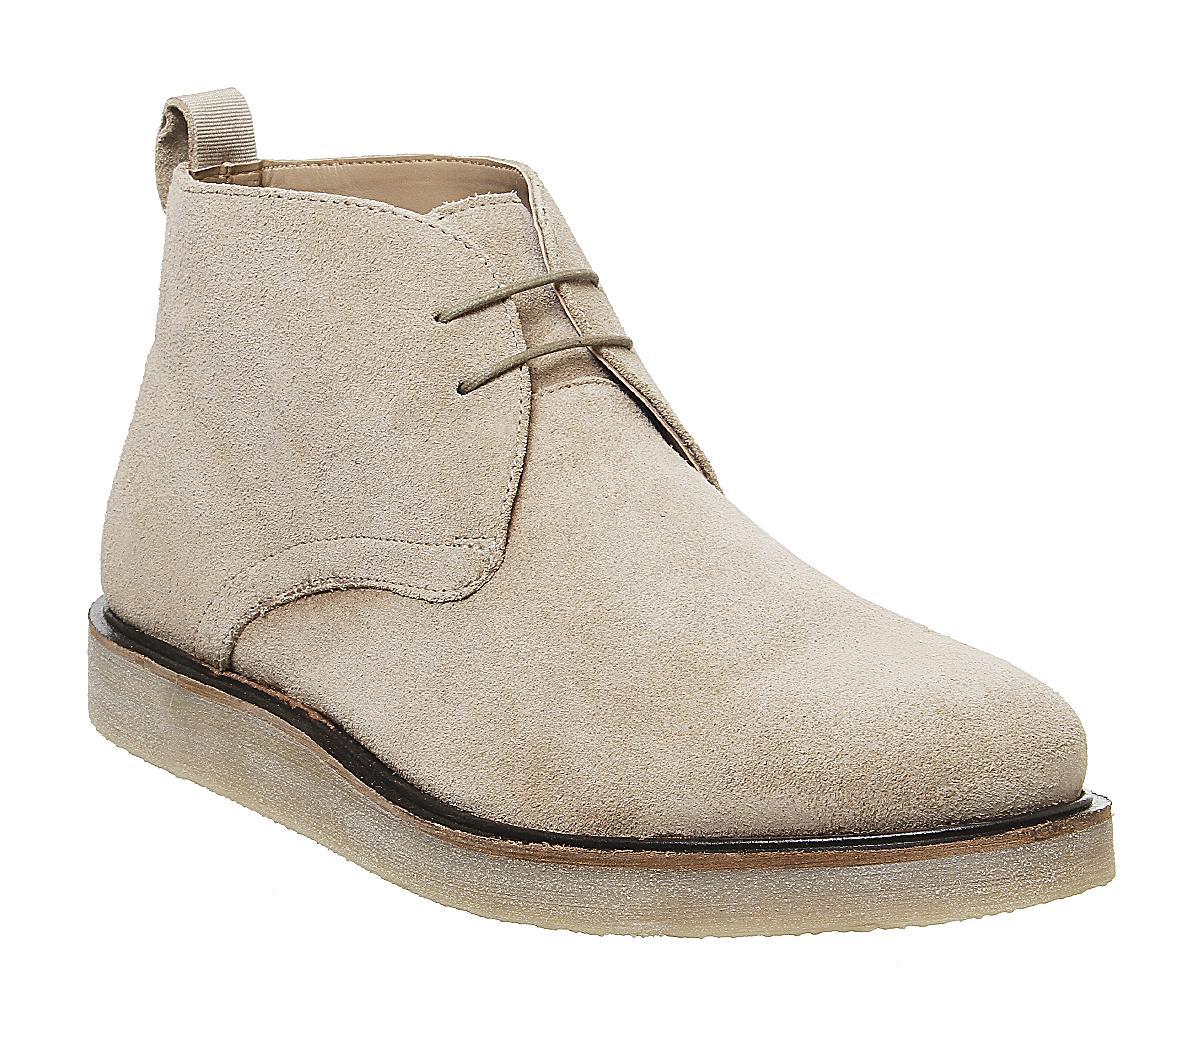 Barney Chukka Boots